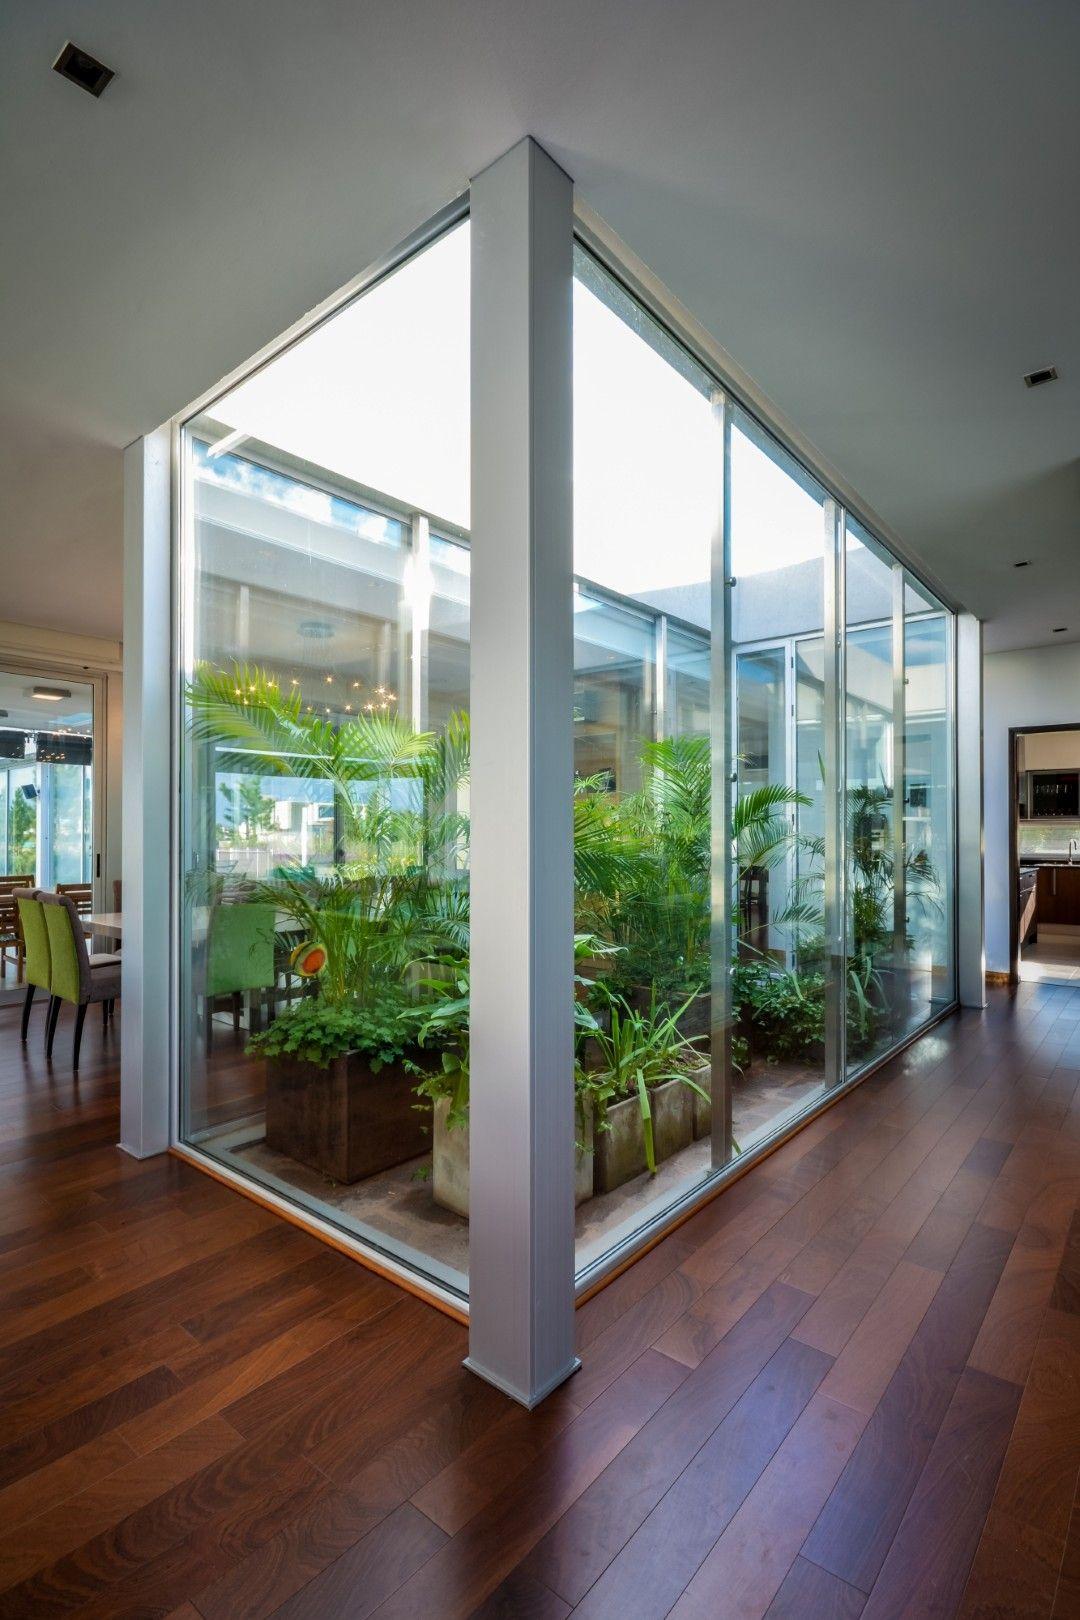 El jard n como estructurador de la vivienda contempor nea for Jardin interior decoracion